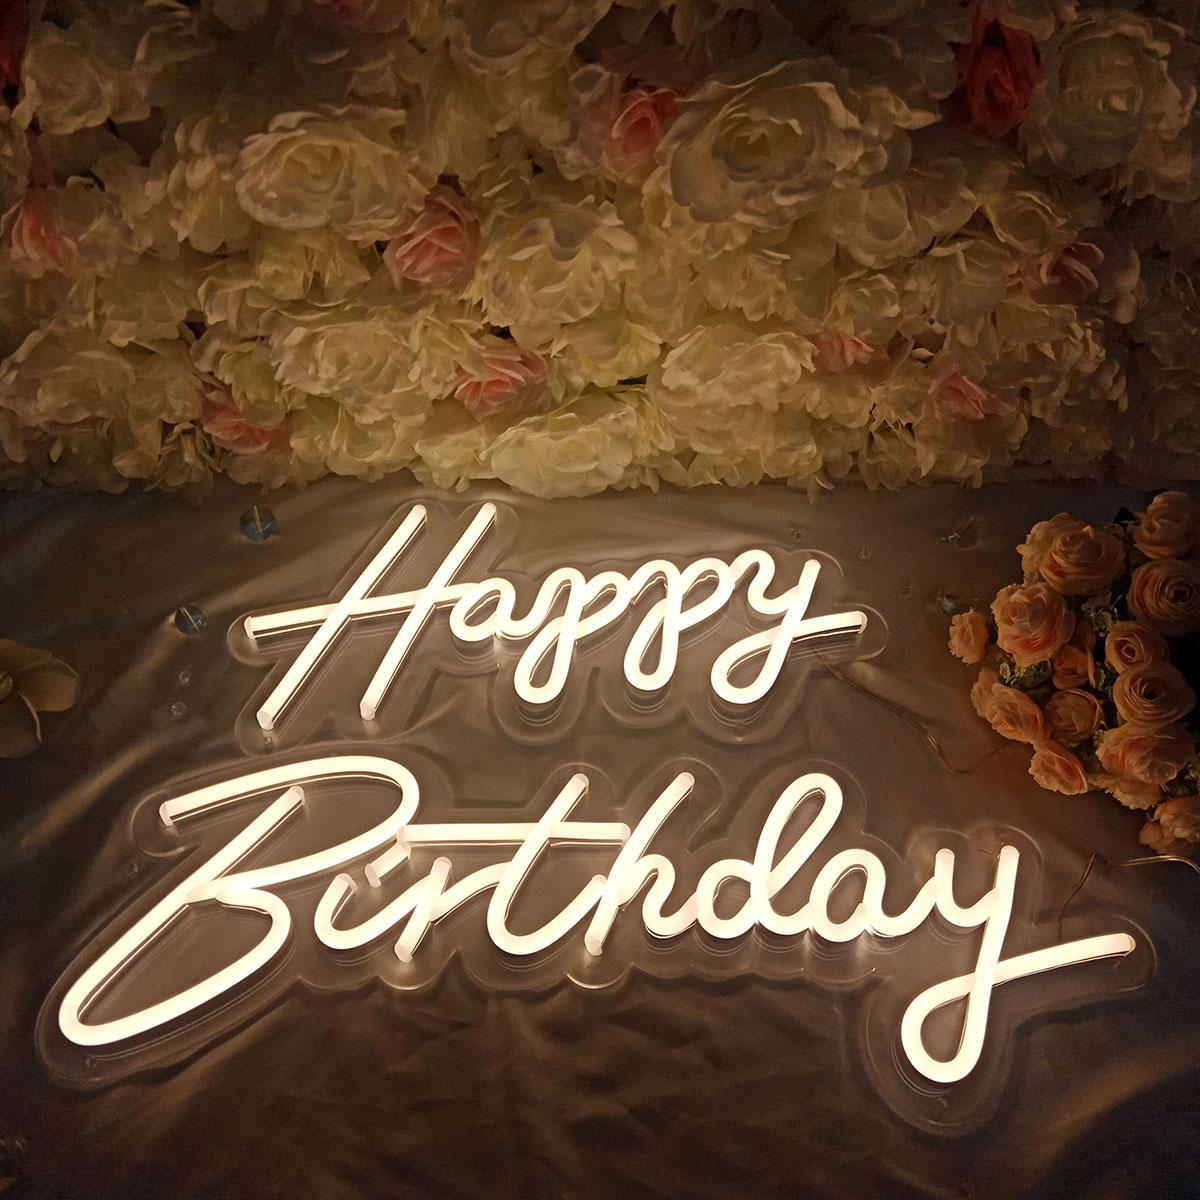 عيد ميلاد سعيد Led علامات ضوئية النيون لشريط حانة نادي المنزل مطعم الجدار الشنق أضواء النيون